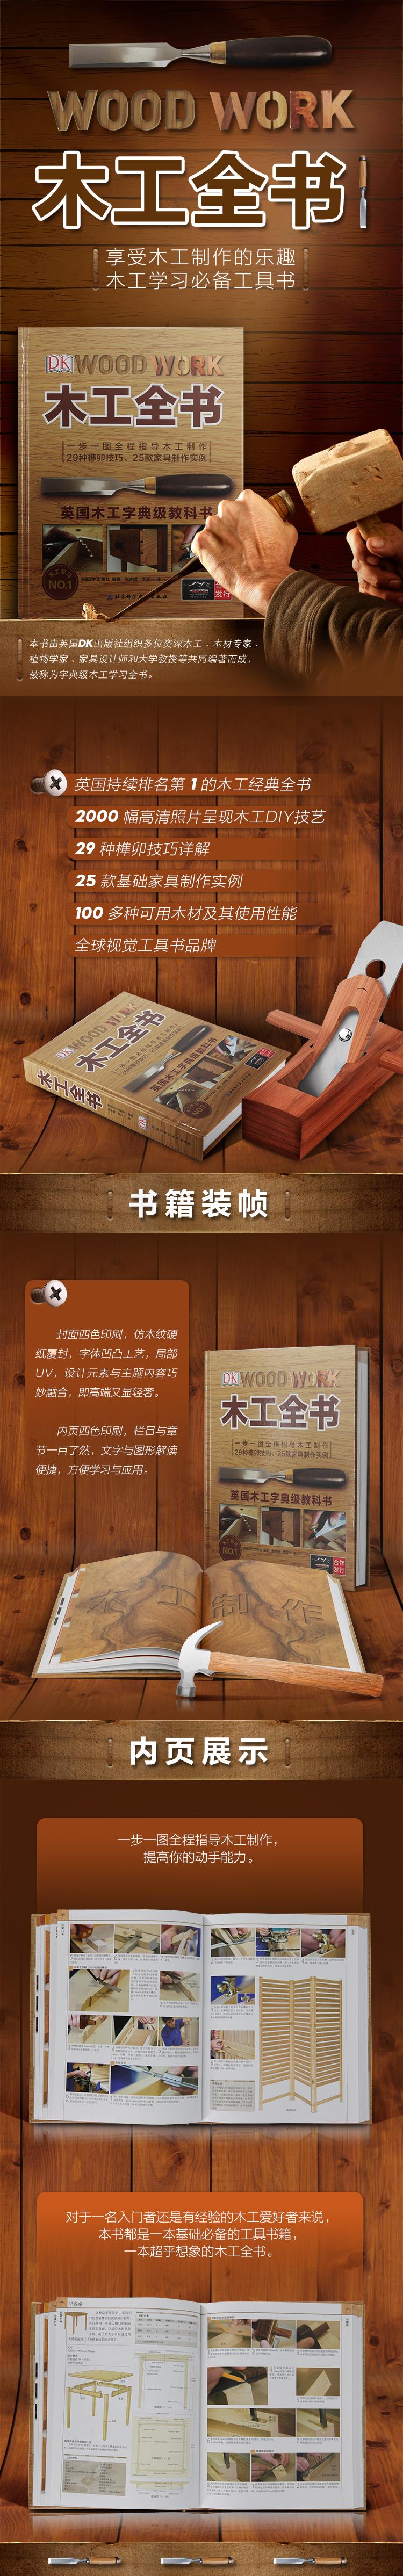 DK木工全书英国木工字典级教科书_木工全书 全彩经典版[PDF]